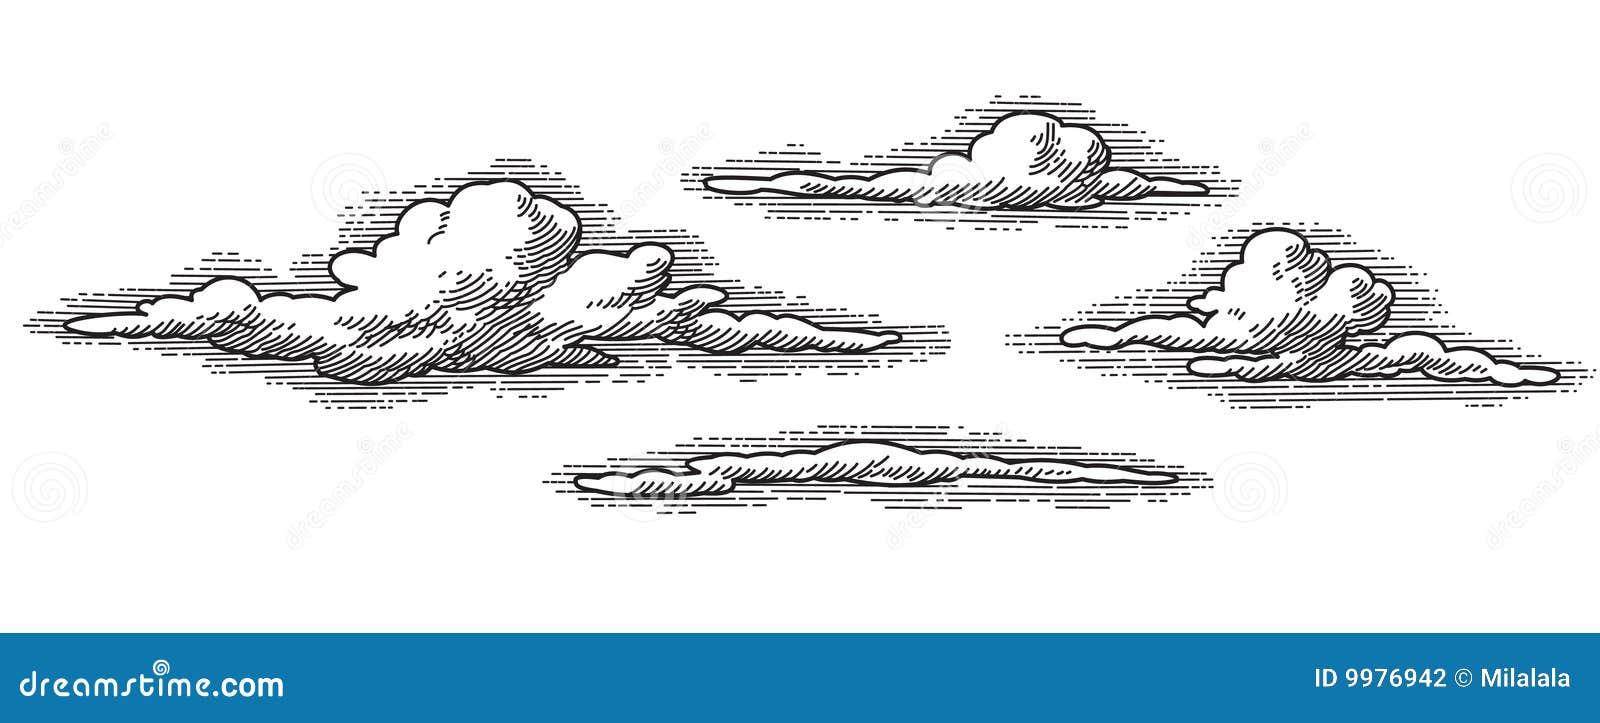 Облака нарисованные ручкой